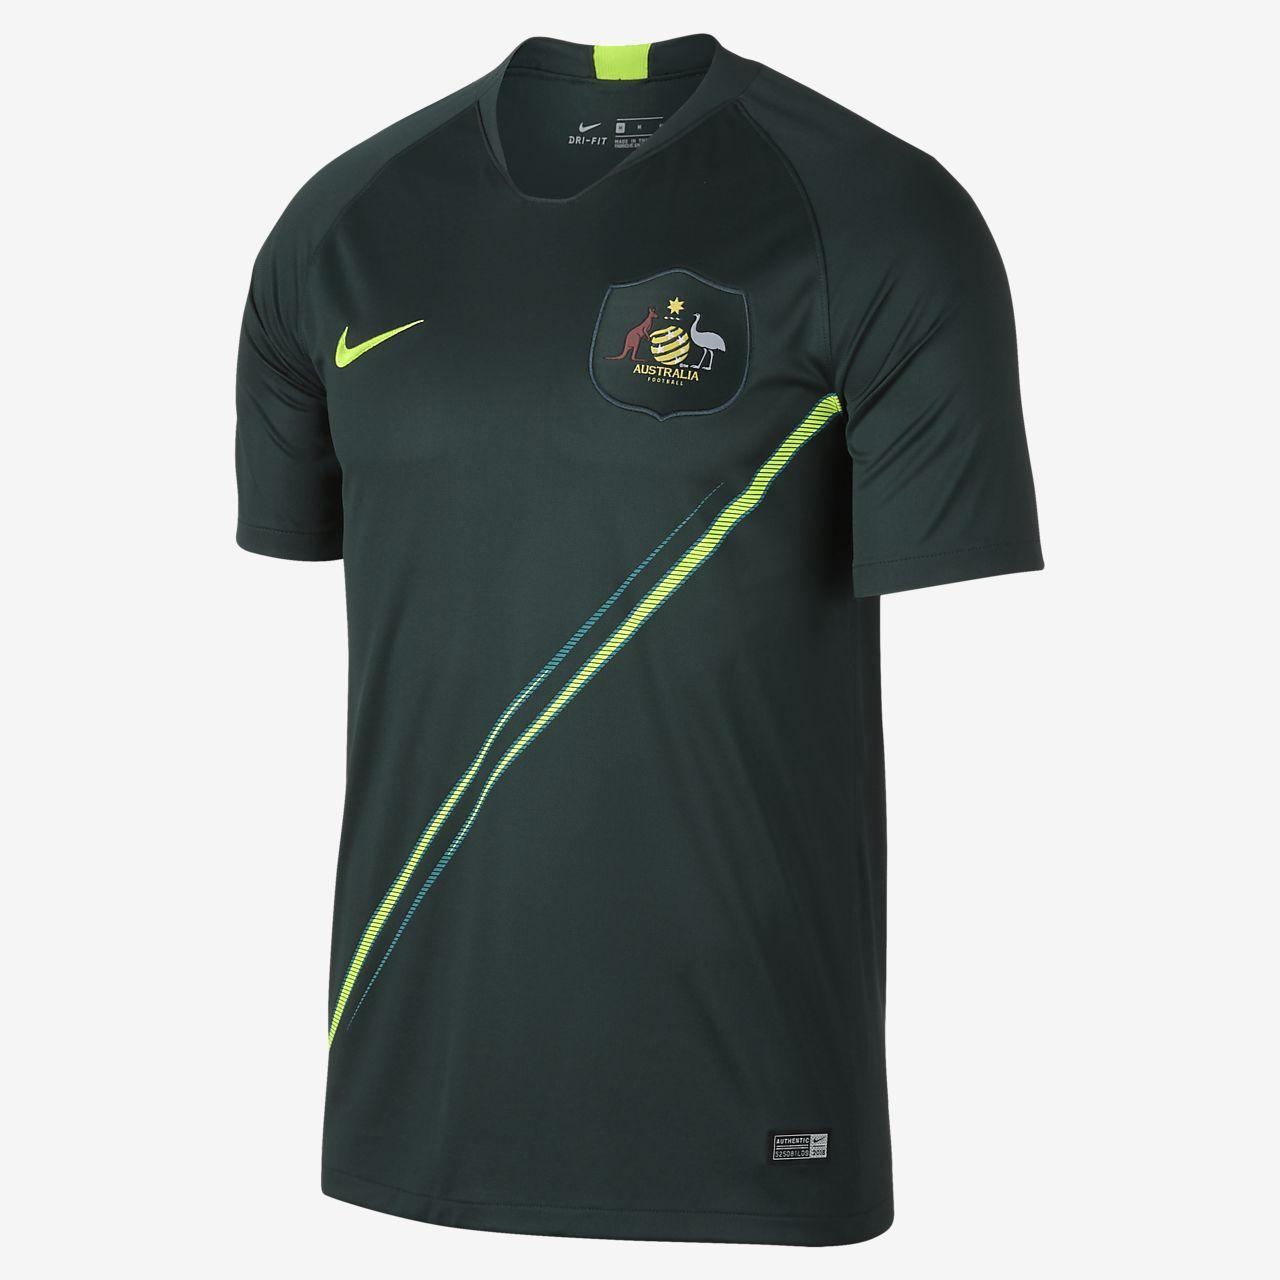 a15f3d4e600 2018 Australia Stadium Away Men's Football Shirt. Nike.com AU